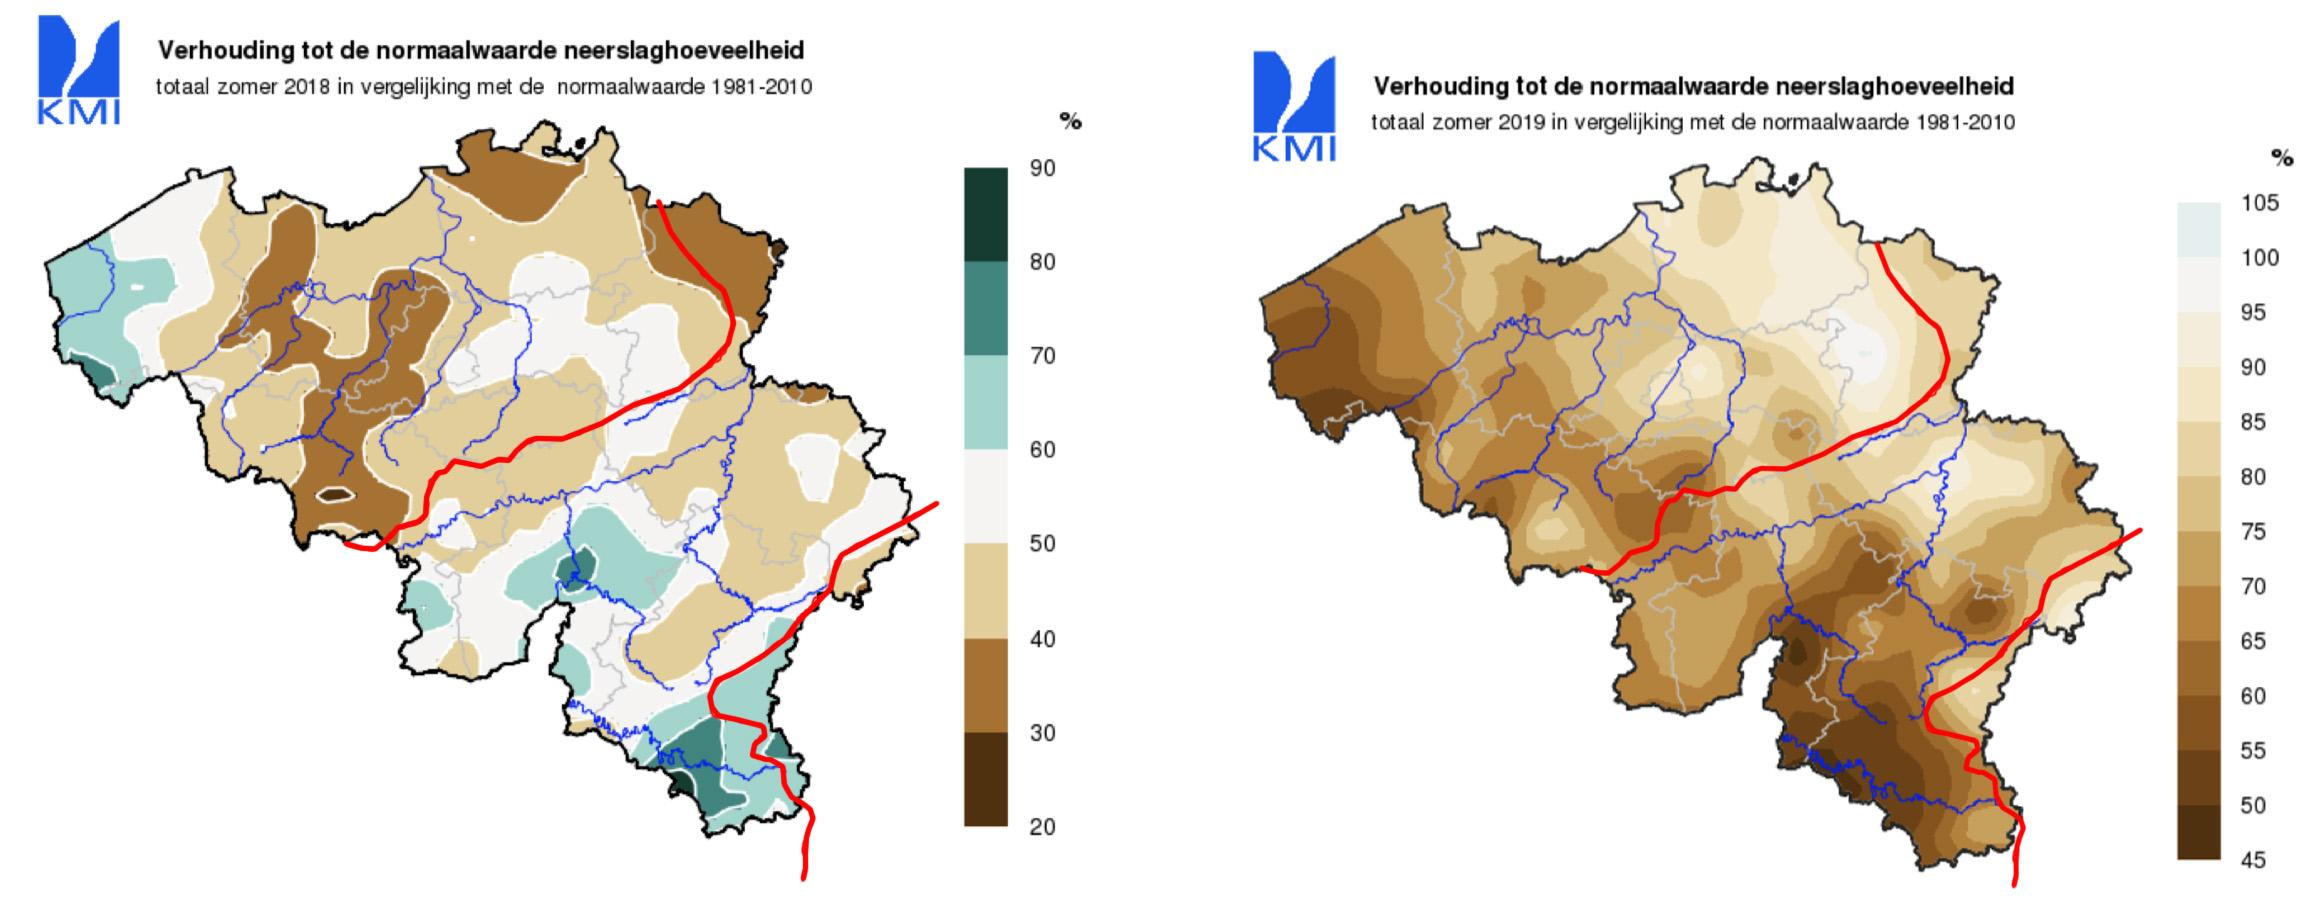 Zomerneerslag België in 2018 (links) en 2019 (rechts) als percentage van het langjarig gemiddelde (de rode lijn is de grens van het stroomgebied van de Maas).